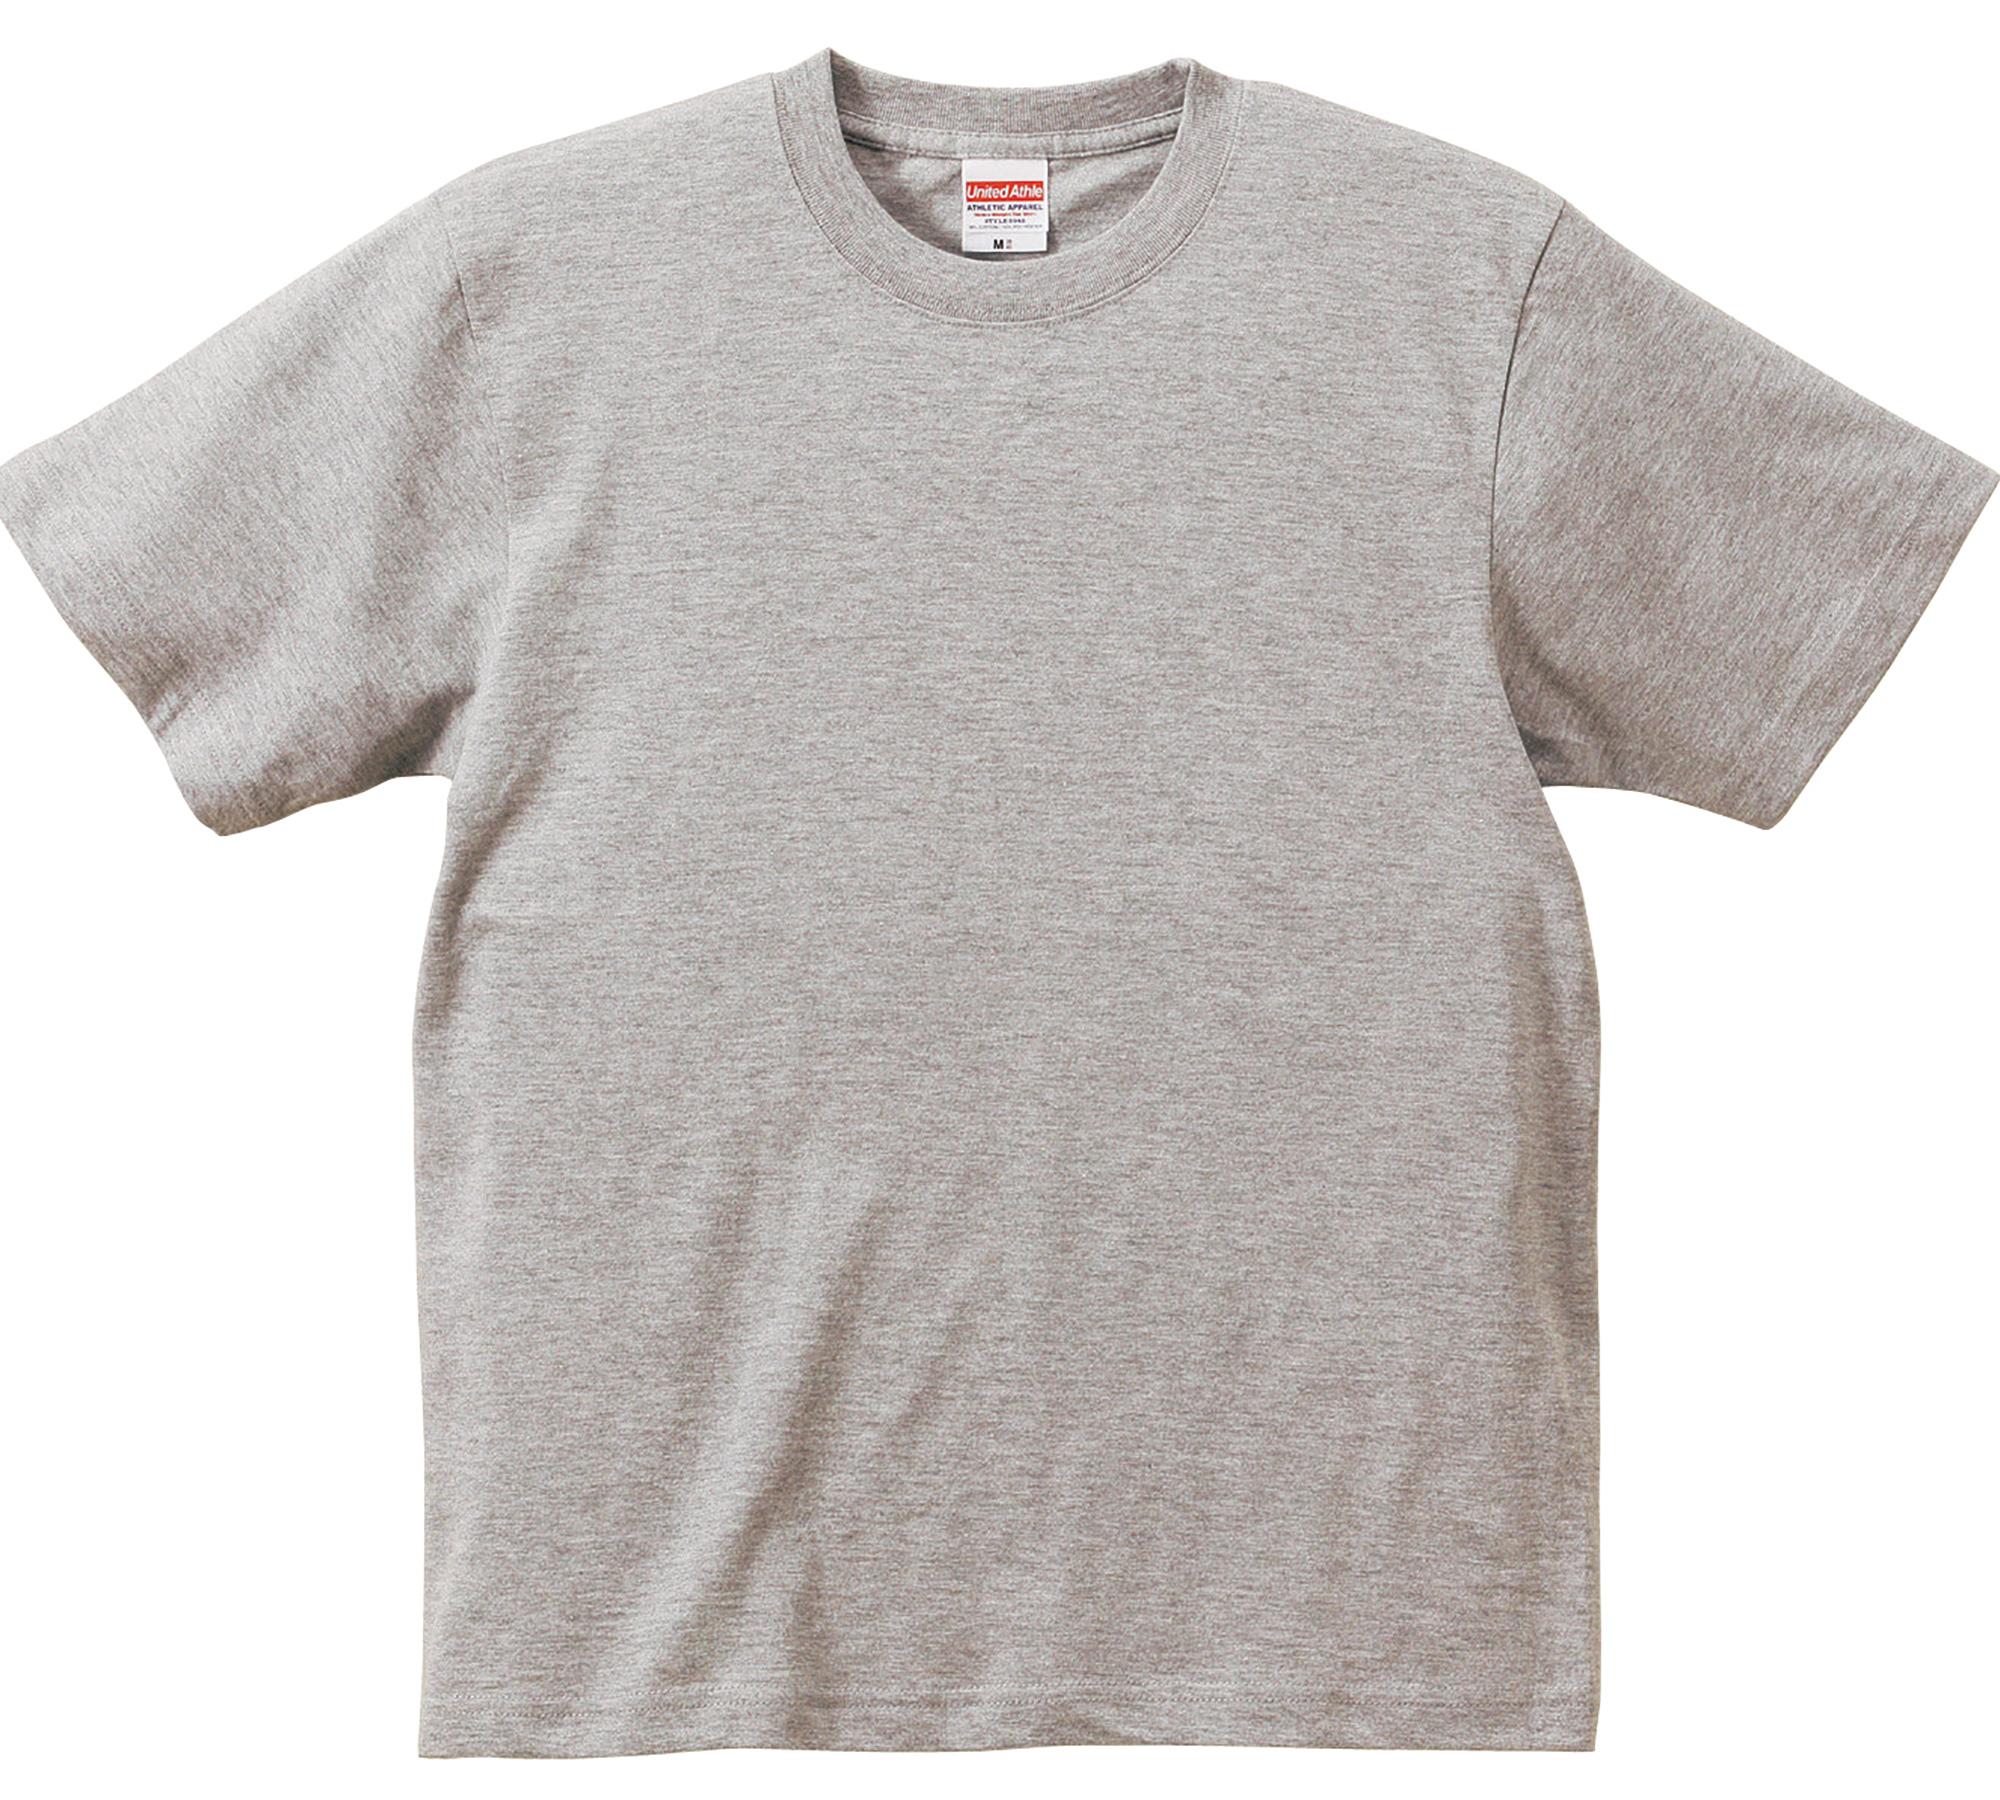 6.2オンスプレミアムTシャツ (ミックスグレー)